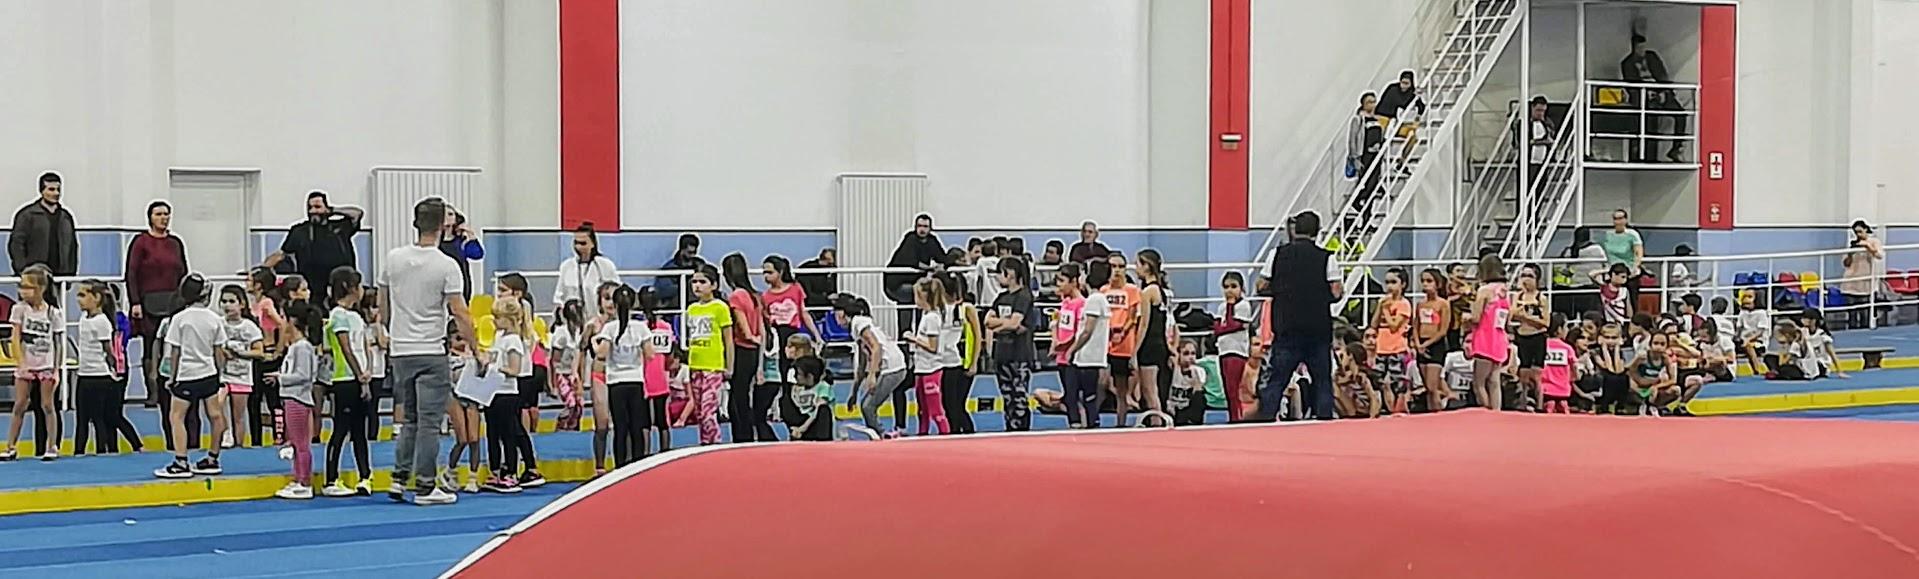 Atletism copii - saritura in lungime